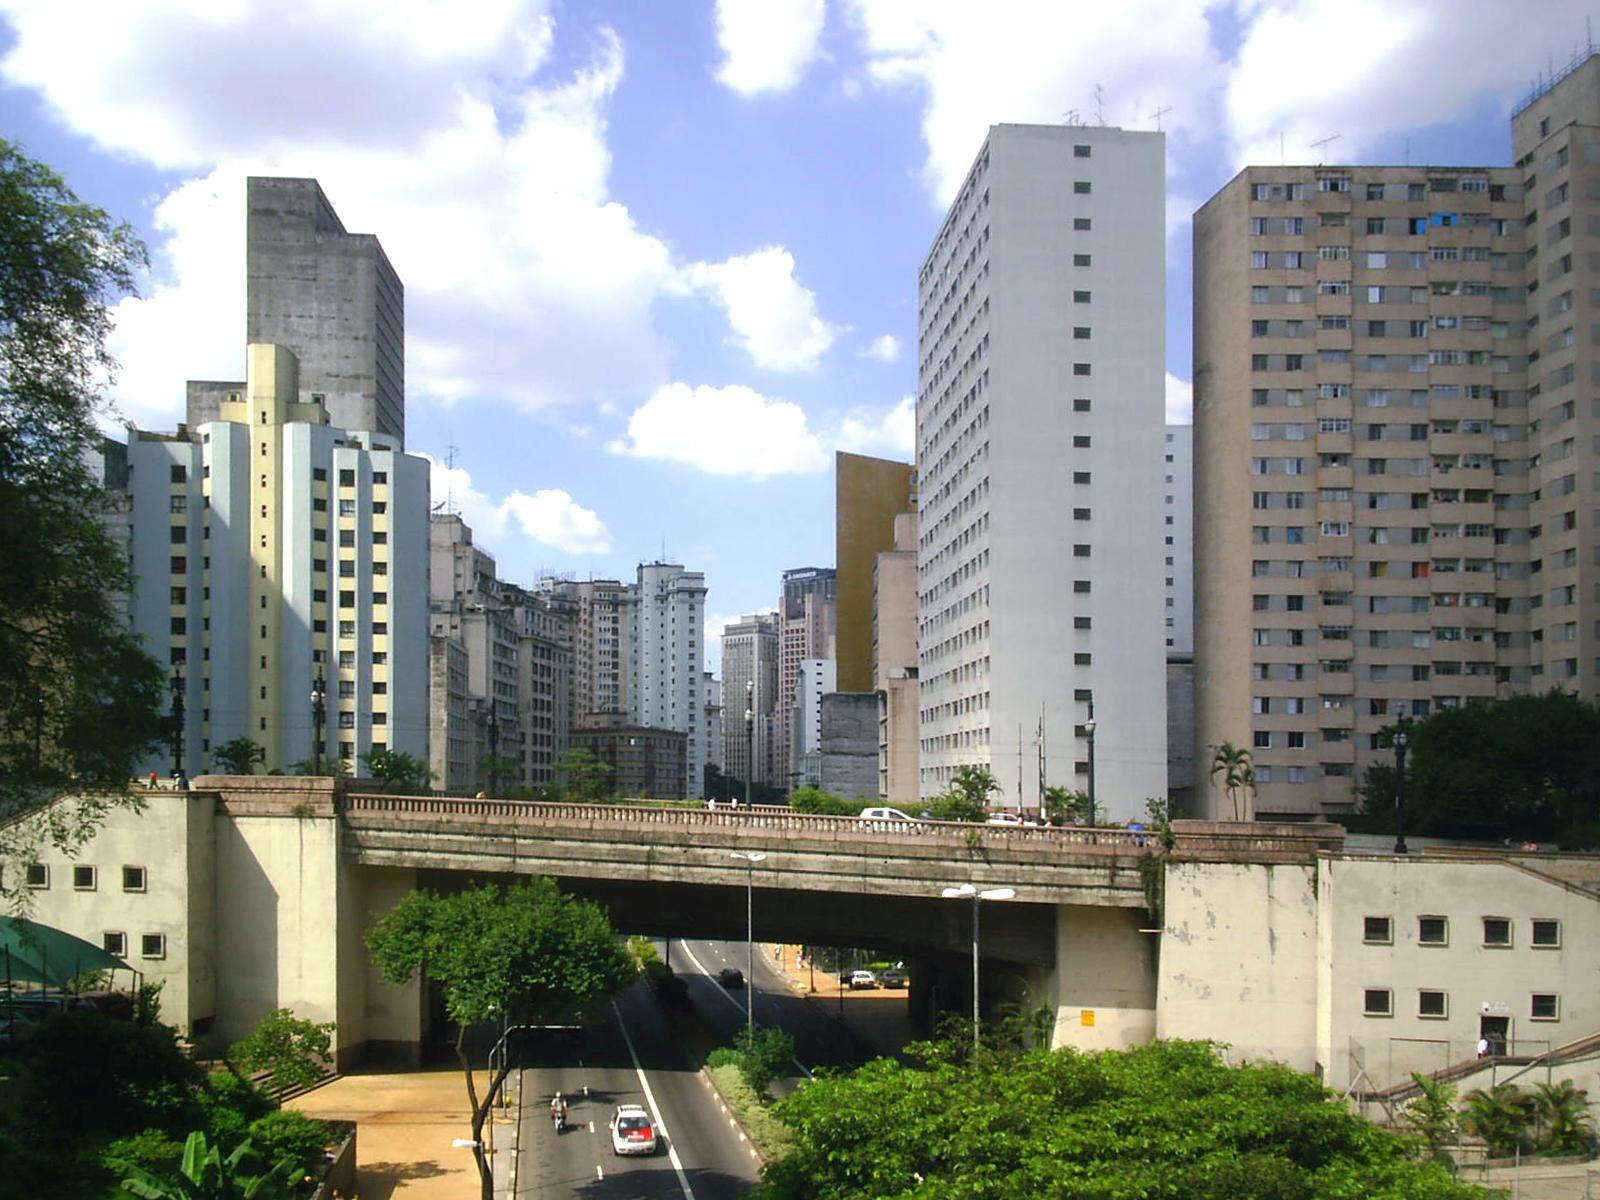 Casas à Venda em São Paulo Imobiliárias Casas à Venda em São Paulo – Imobiliárias